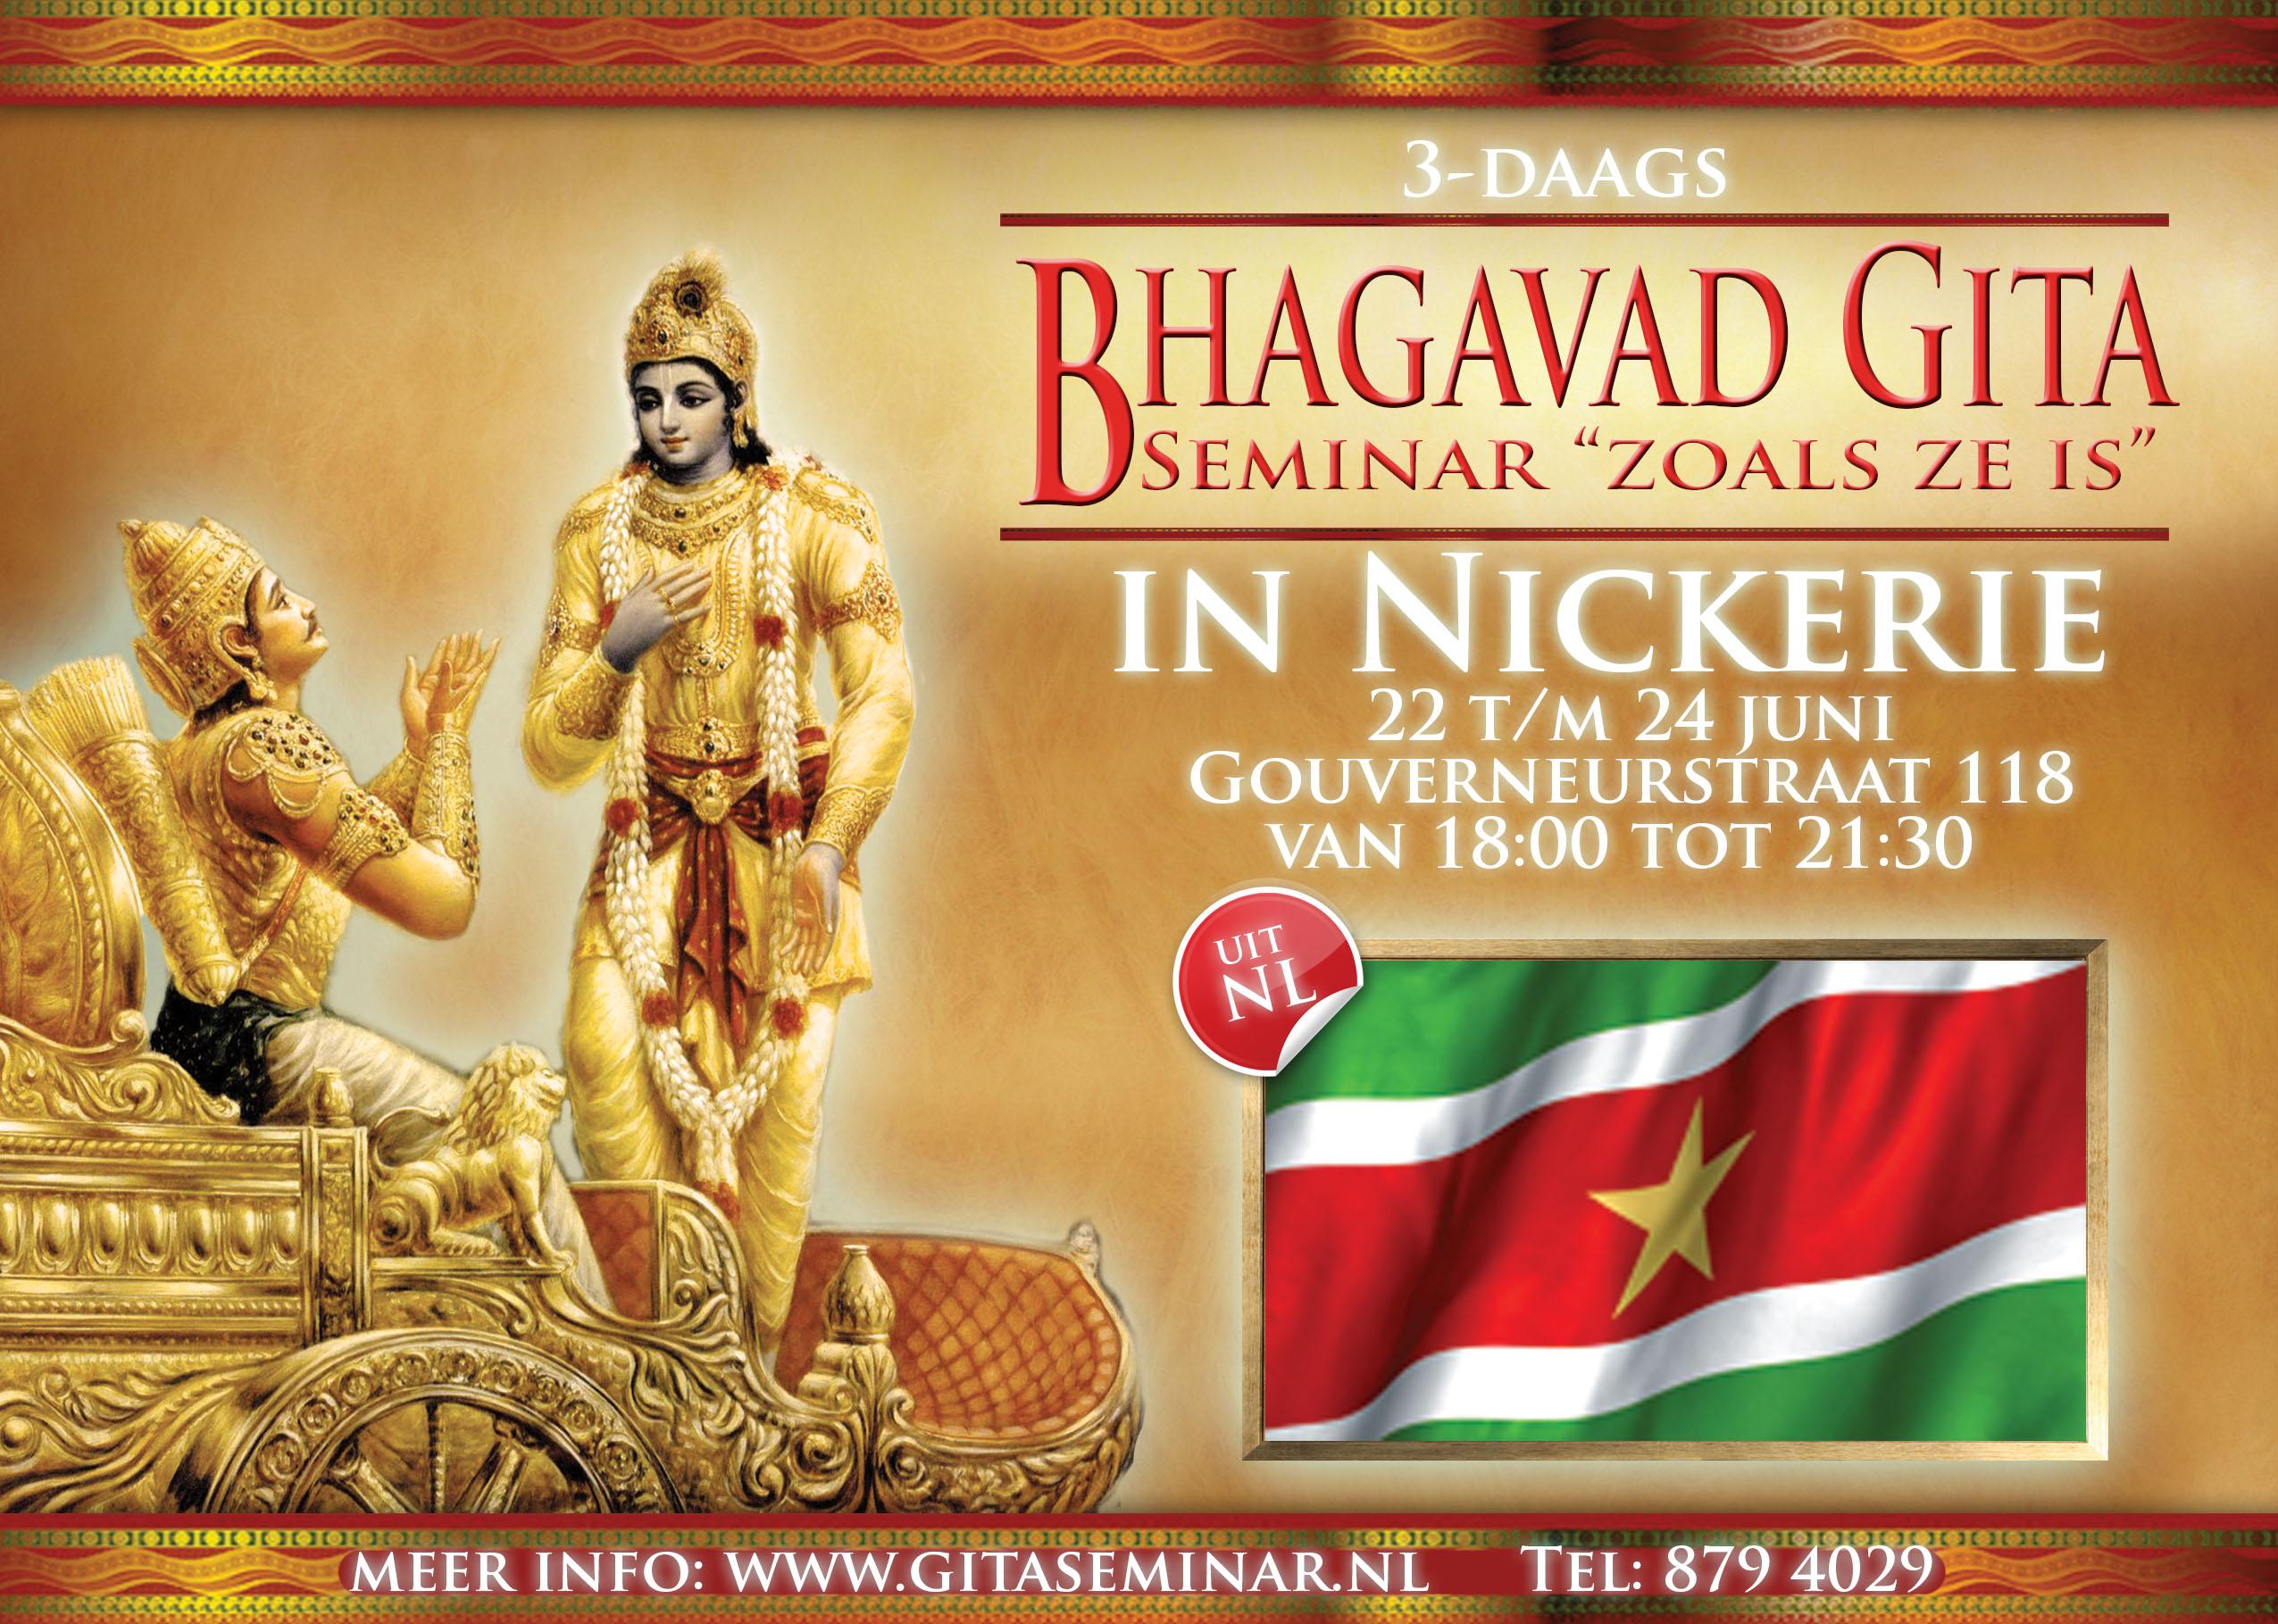 Citaten Uit De Bhagavad Gita : Bhagavad gita seminar in nickerie t m juni